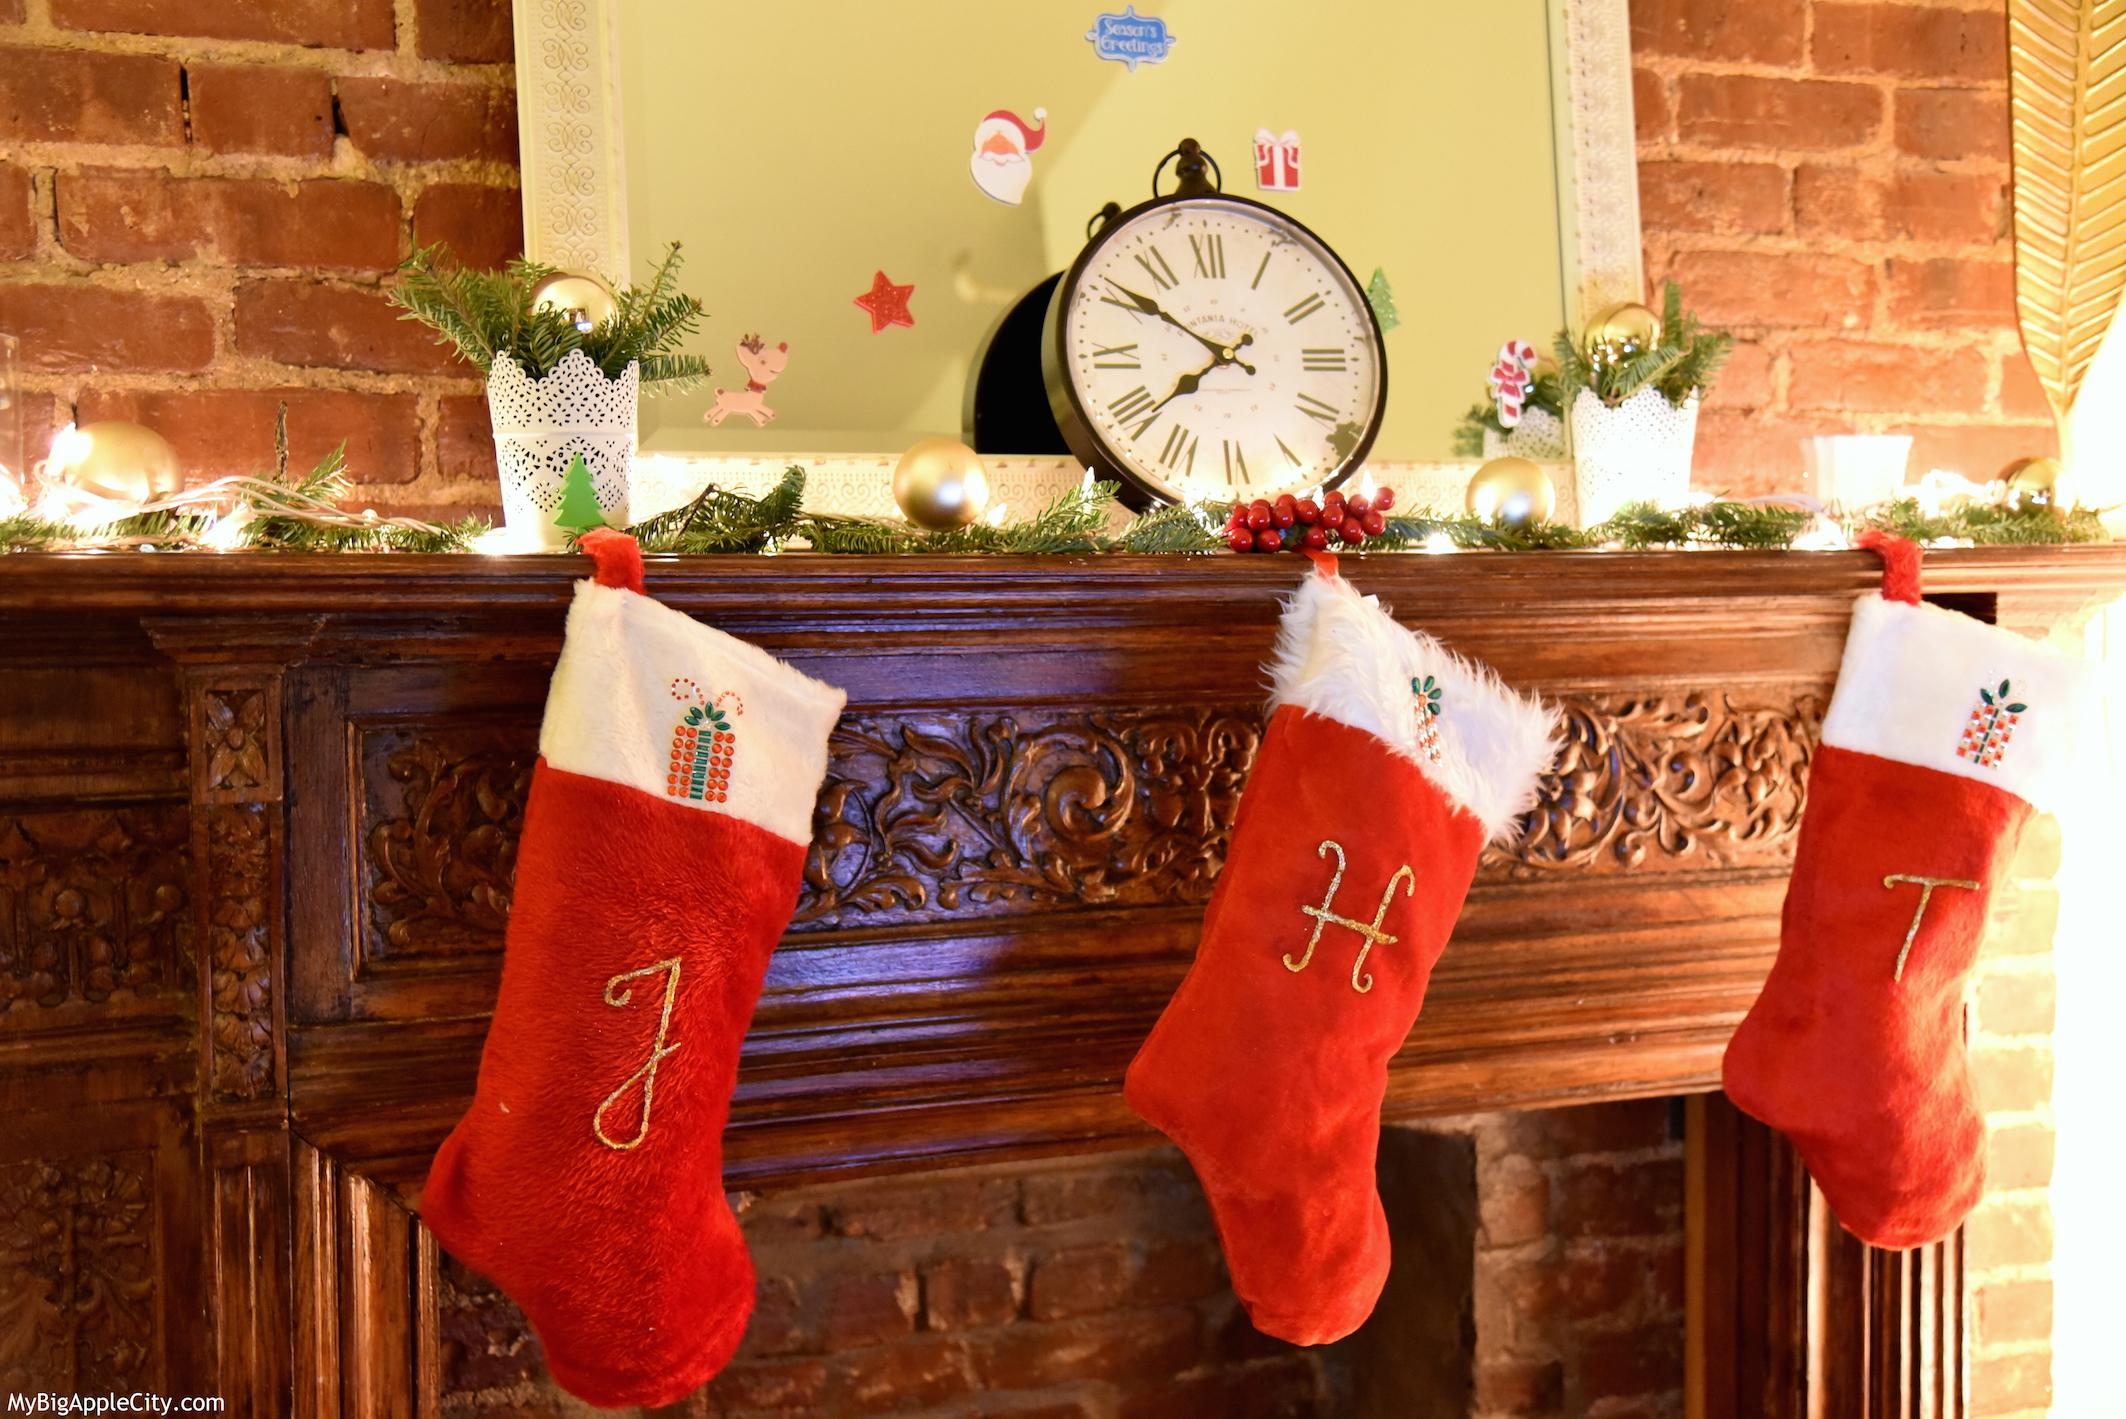 Lifestyle-Travel-Fashion-Blogger-Christmas-Decorations-MyBigAppleCity